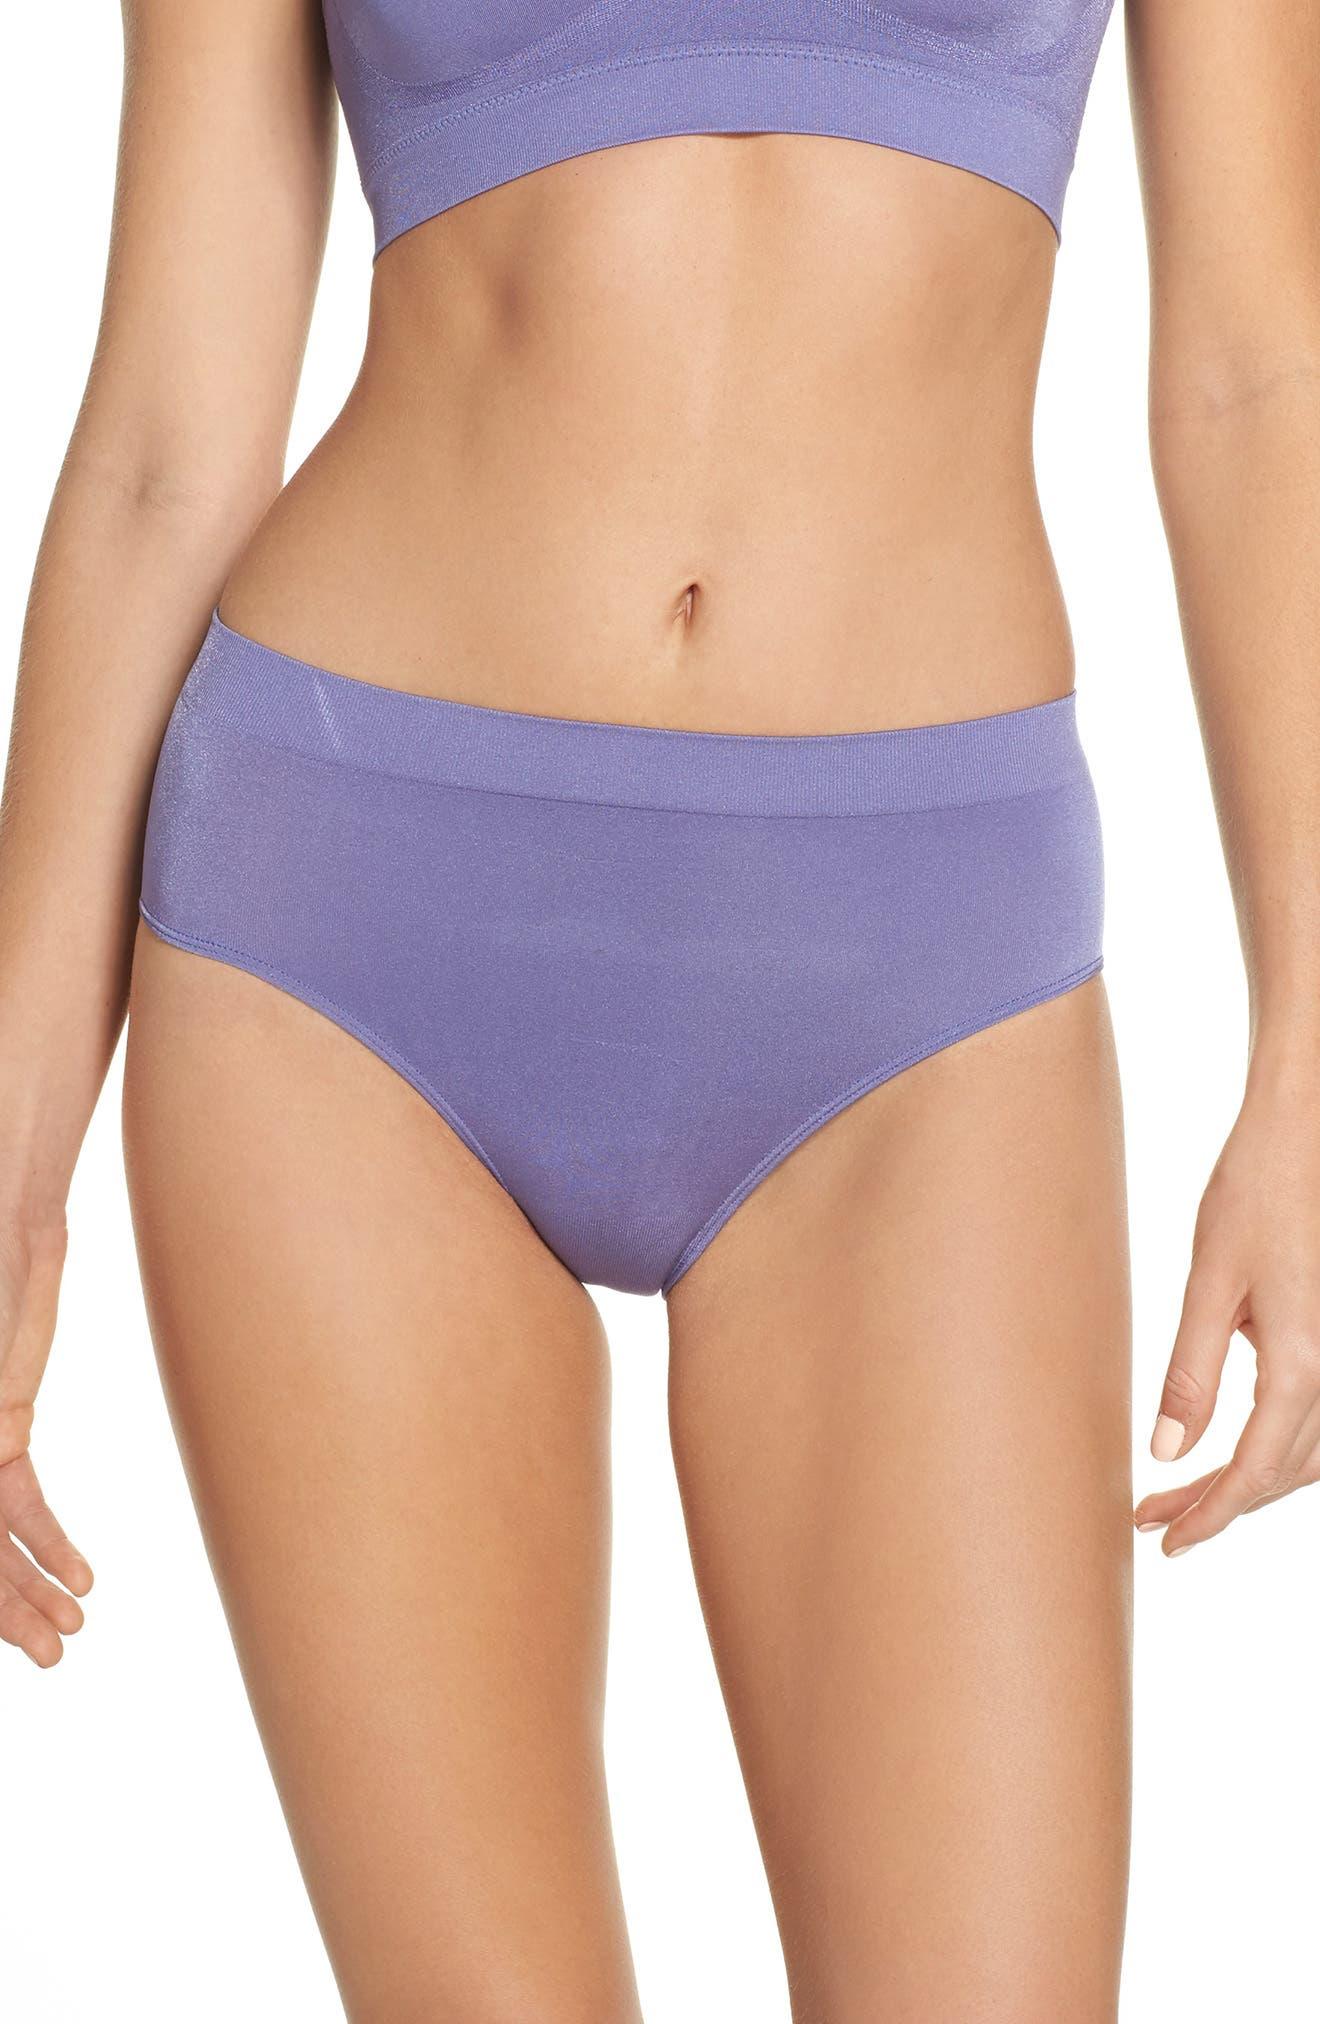 women's plus-size lingerie & underwear | nordstrom